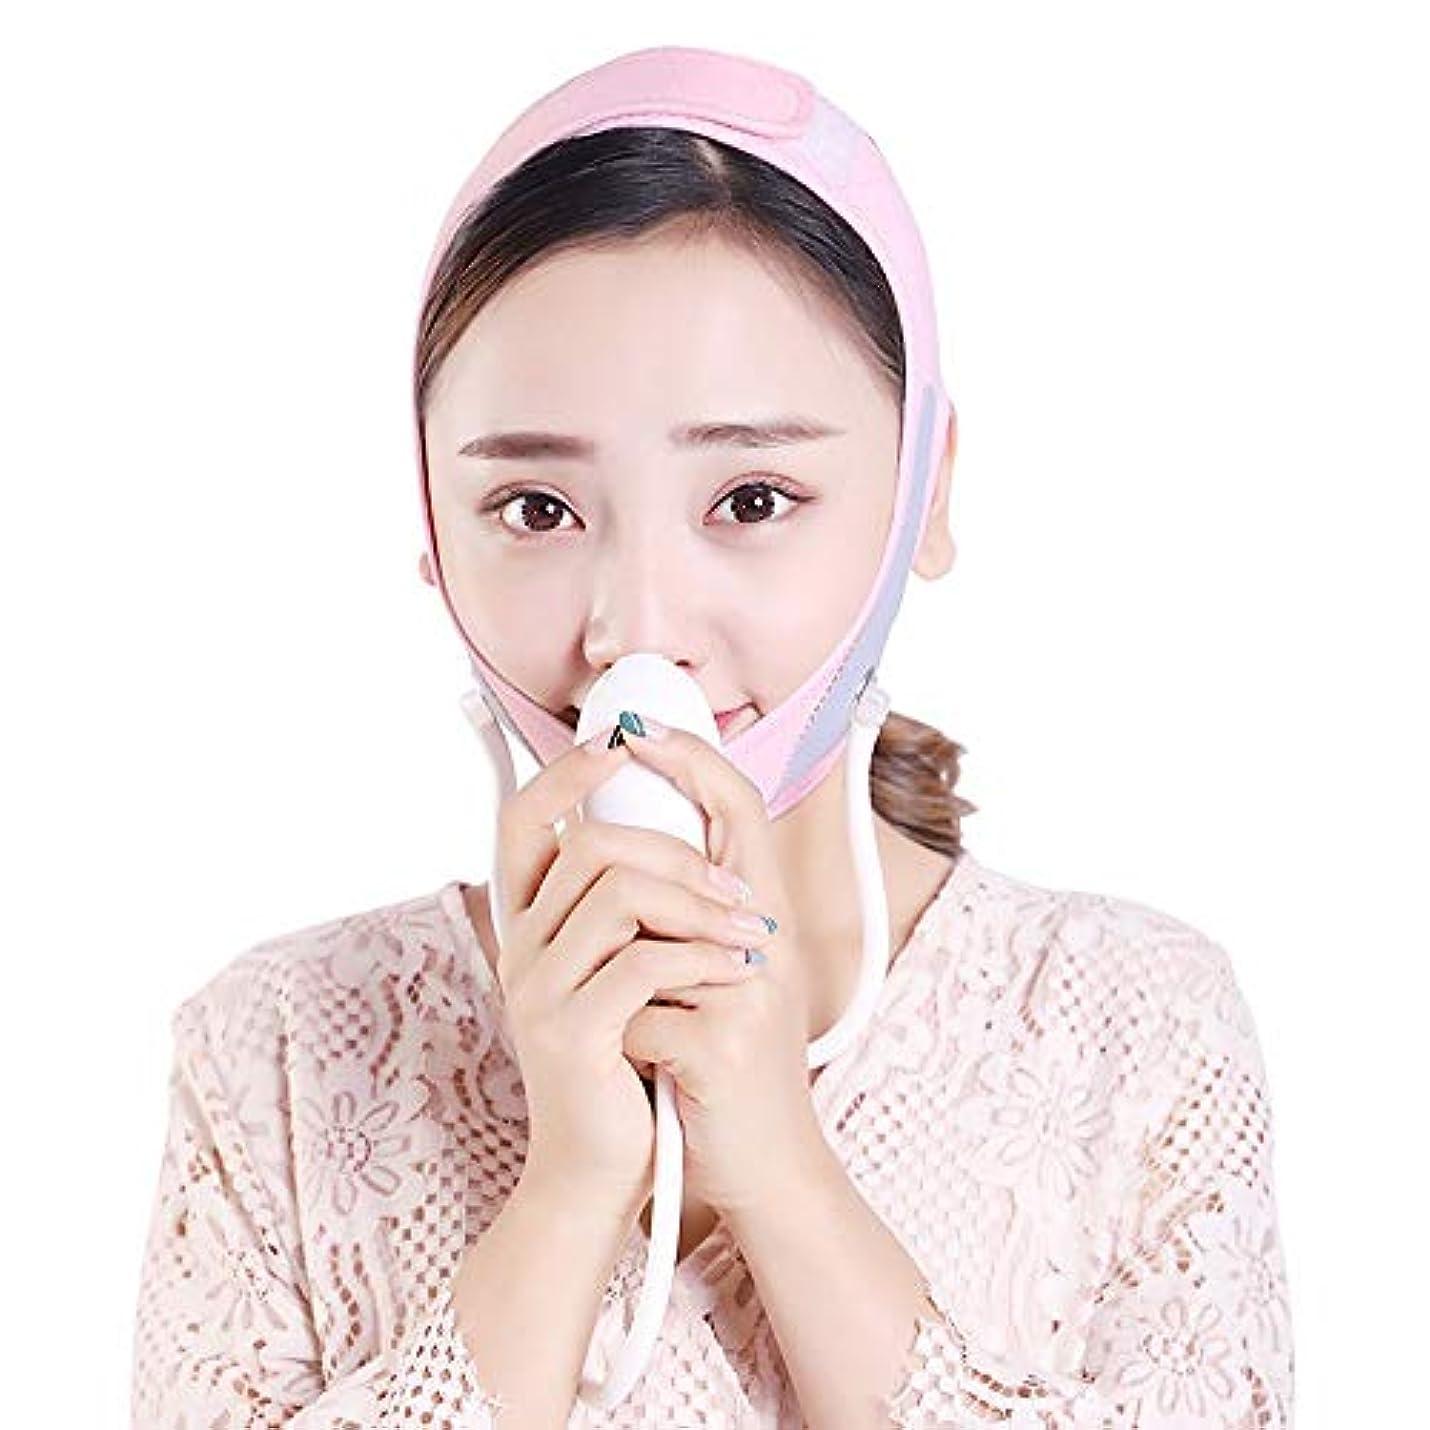 紳士チャップ抽選Jia Jia- インフレータブル調節可能なフェイスリフトアーチファクト包帯をダブルチンリフト引き締めカラスの足one骨のサイズV顔ユニセックス - ピンク 顔面包帯